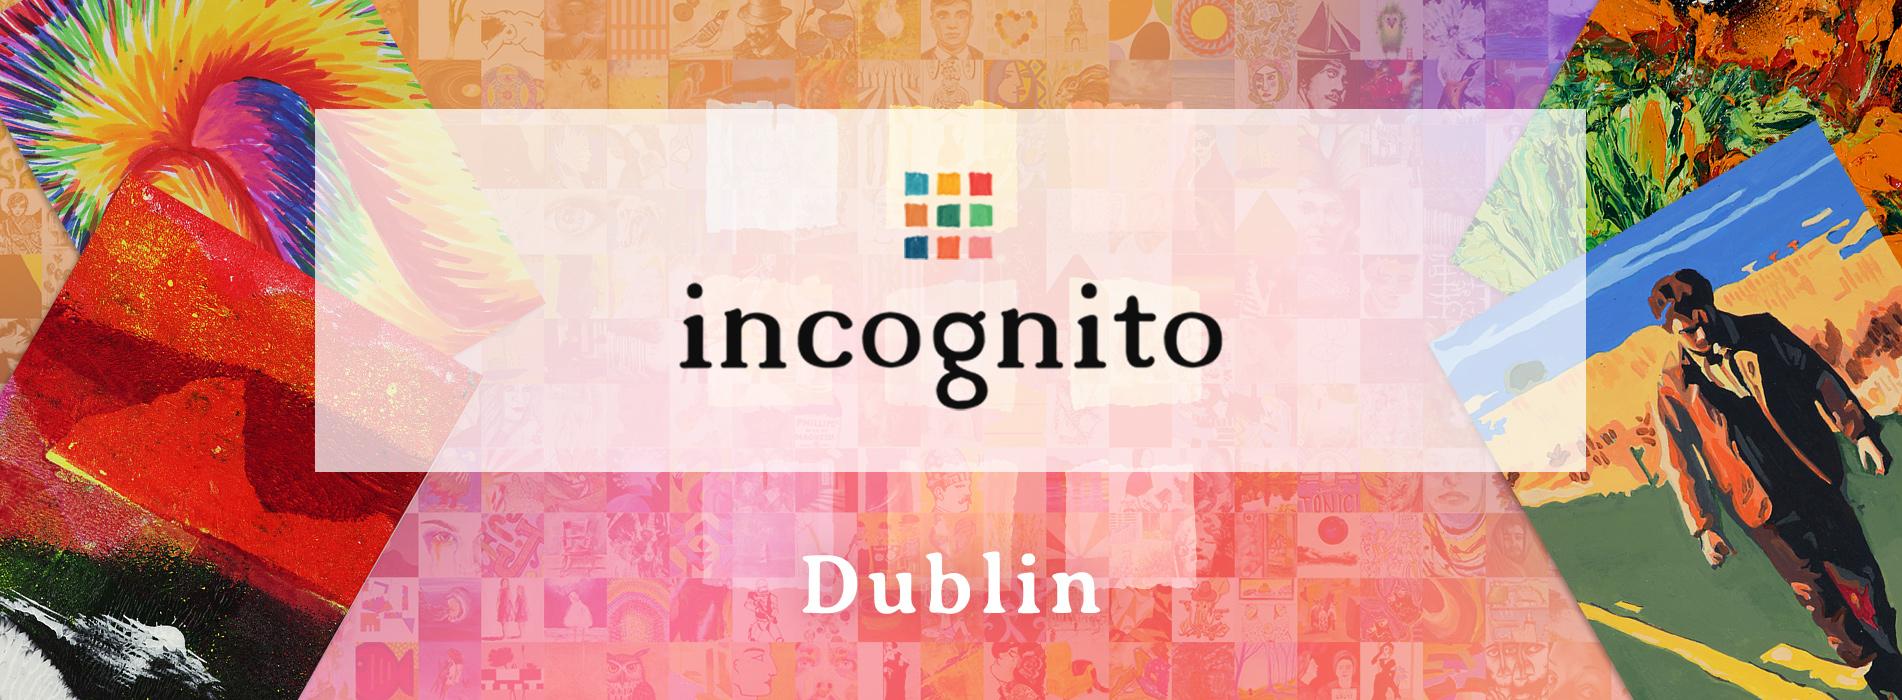 Incognito 2019 Dublin banner